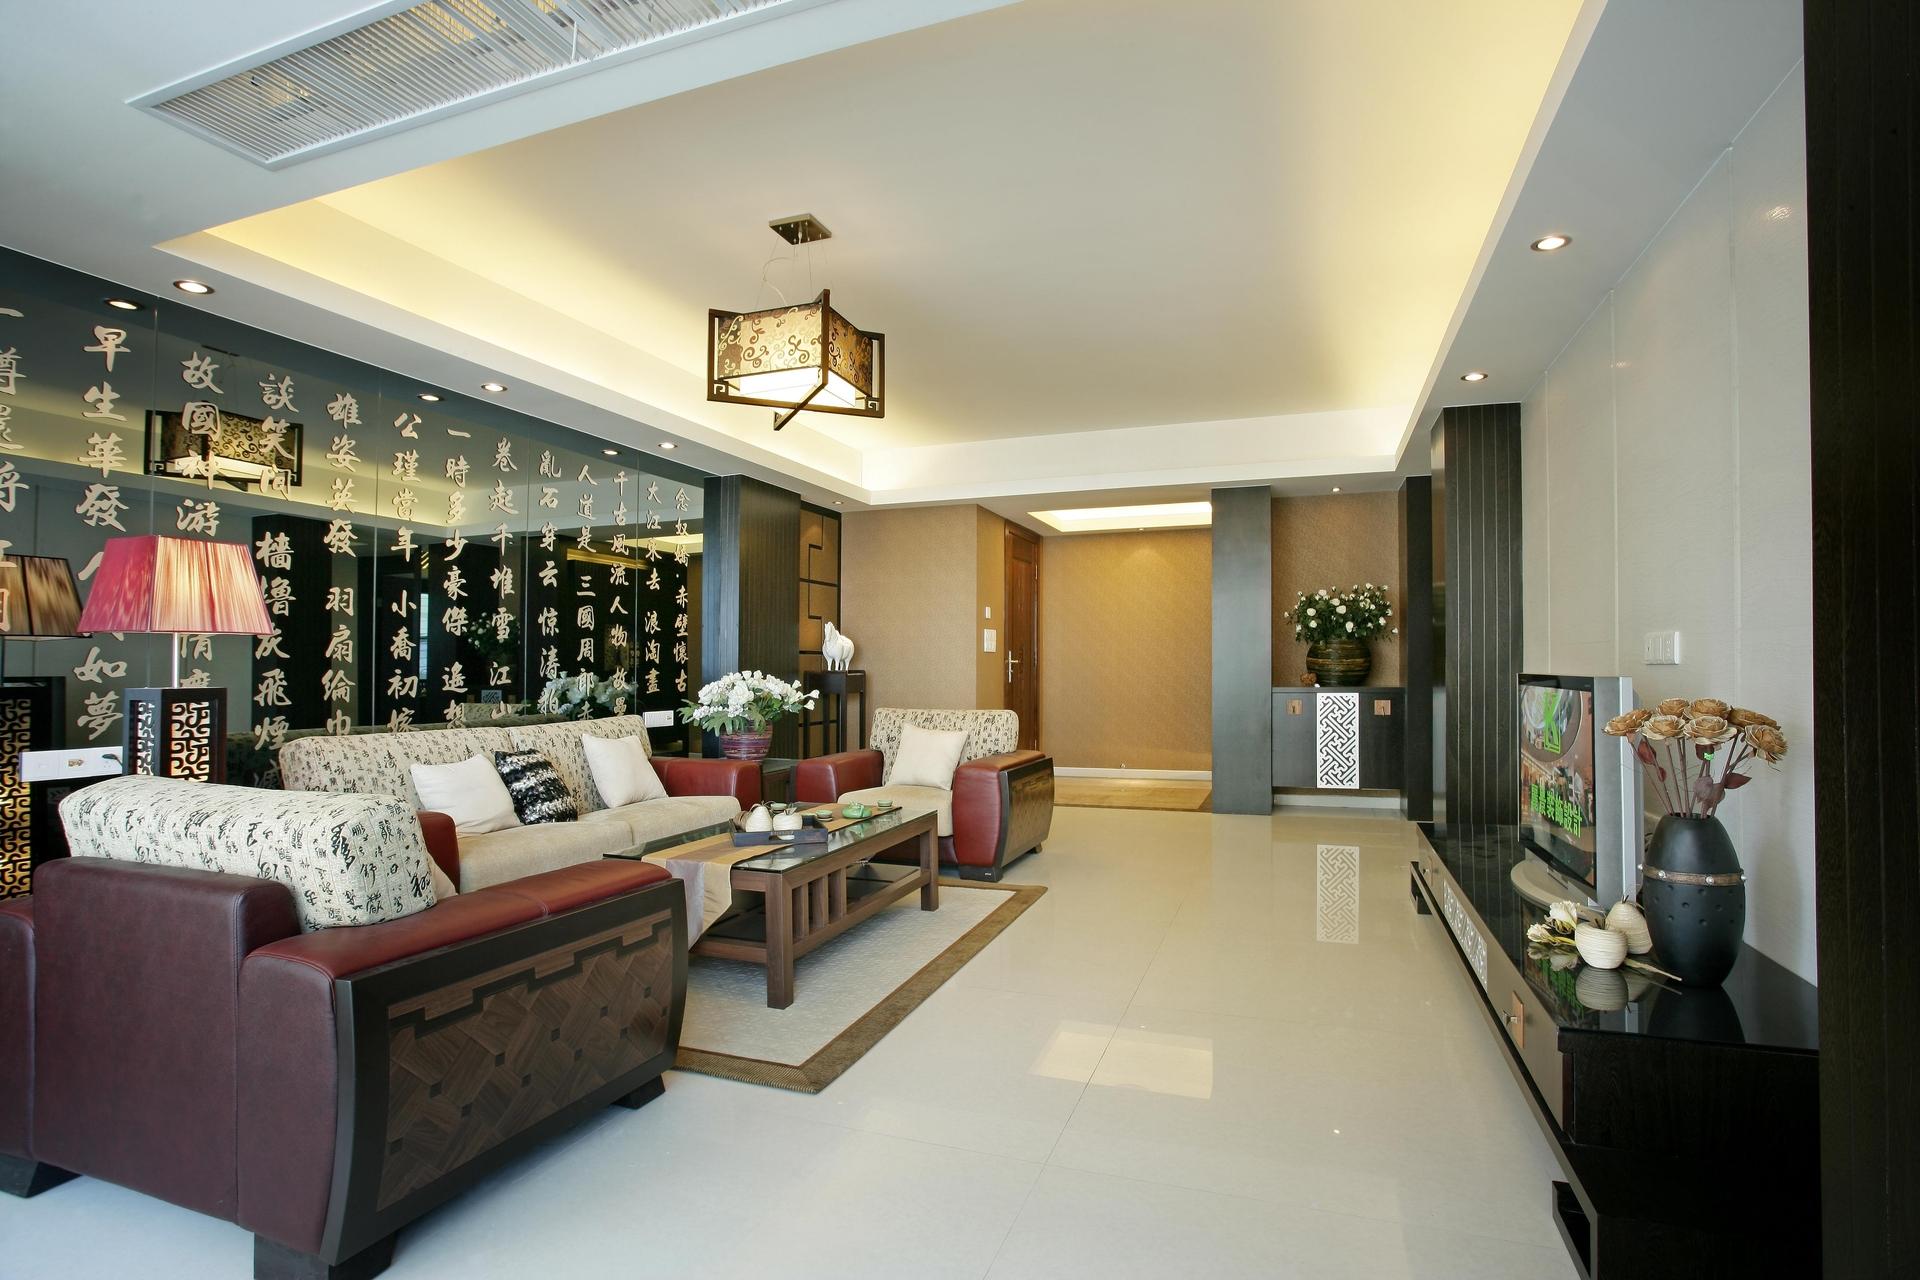 客厅第9图片